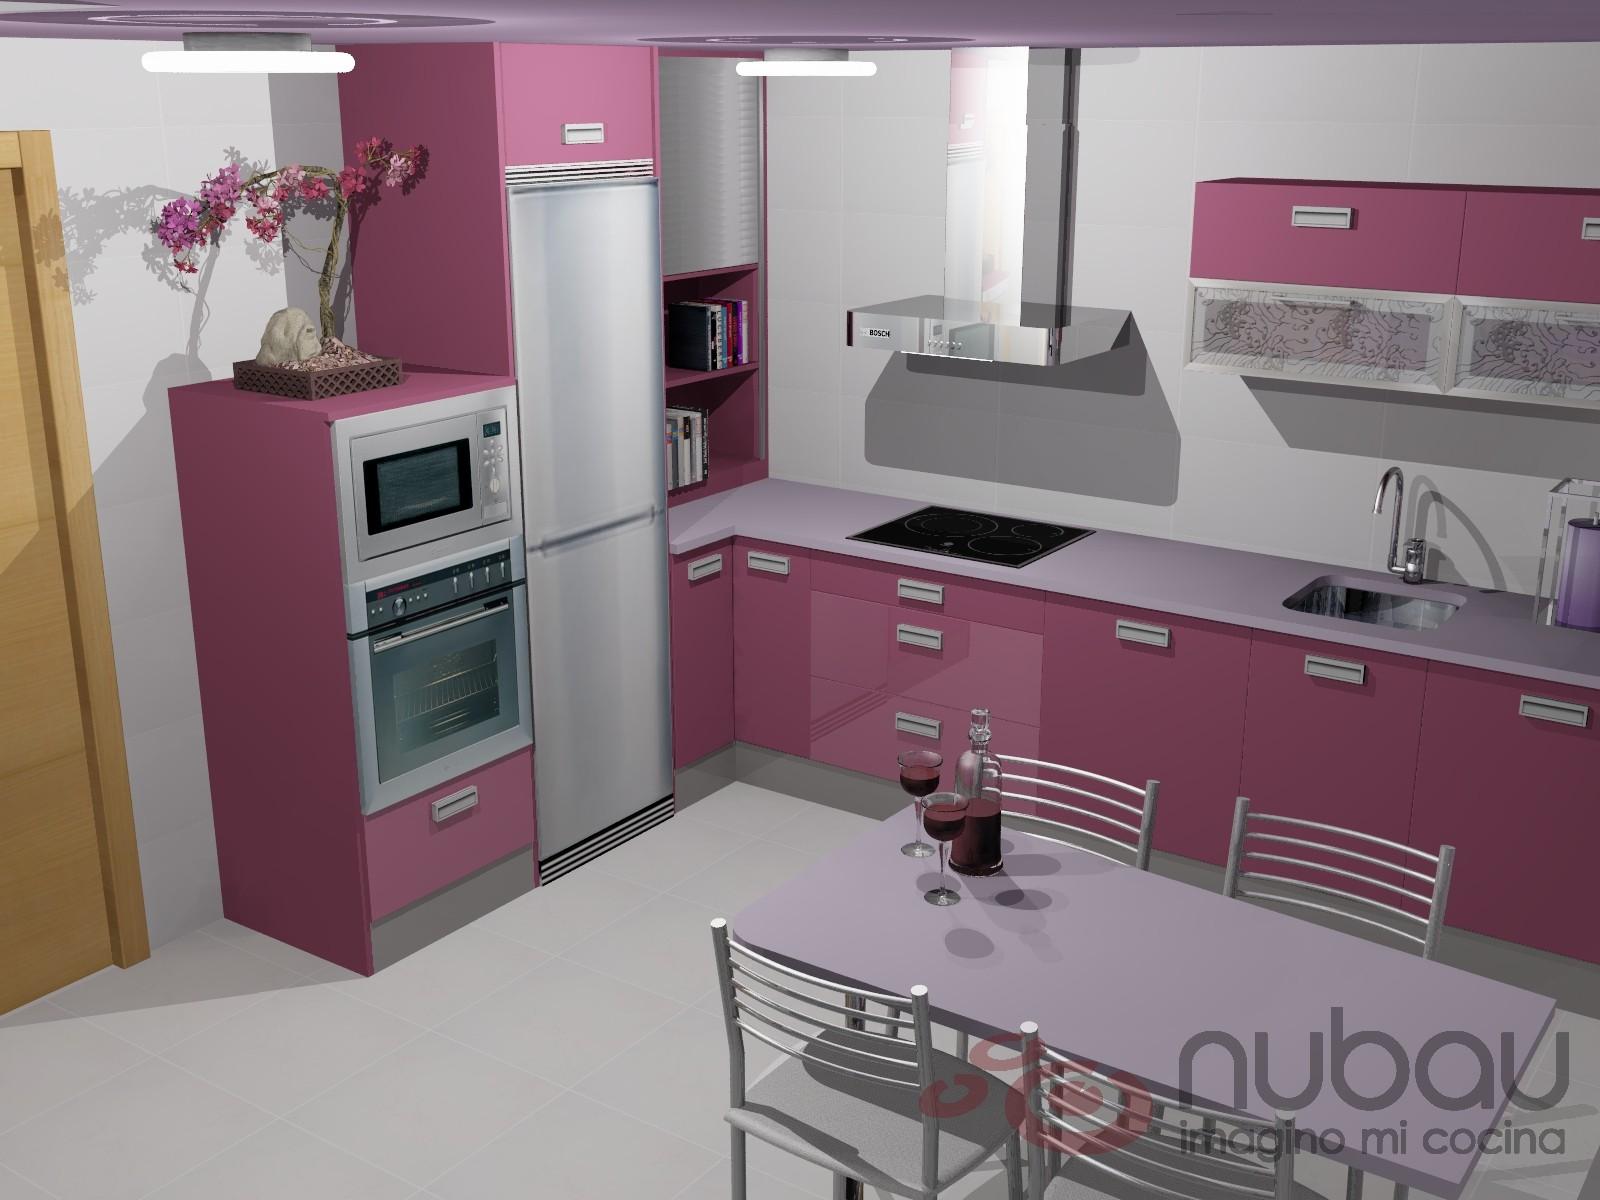 Qu es lo m s caro al cambiar de cocina - Montadores de cocinas ...